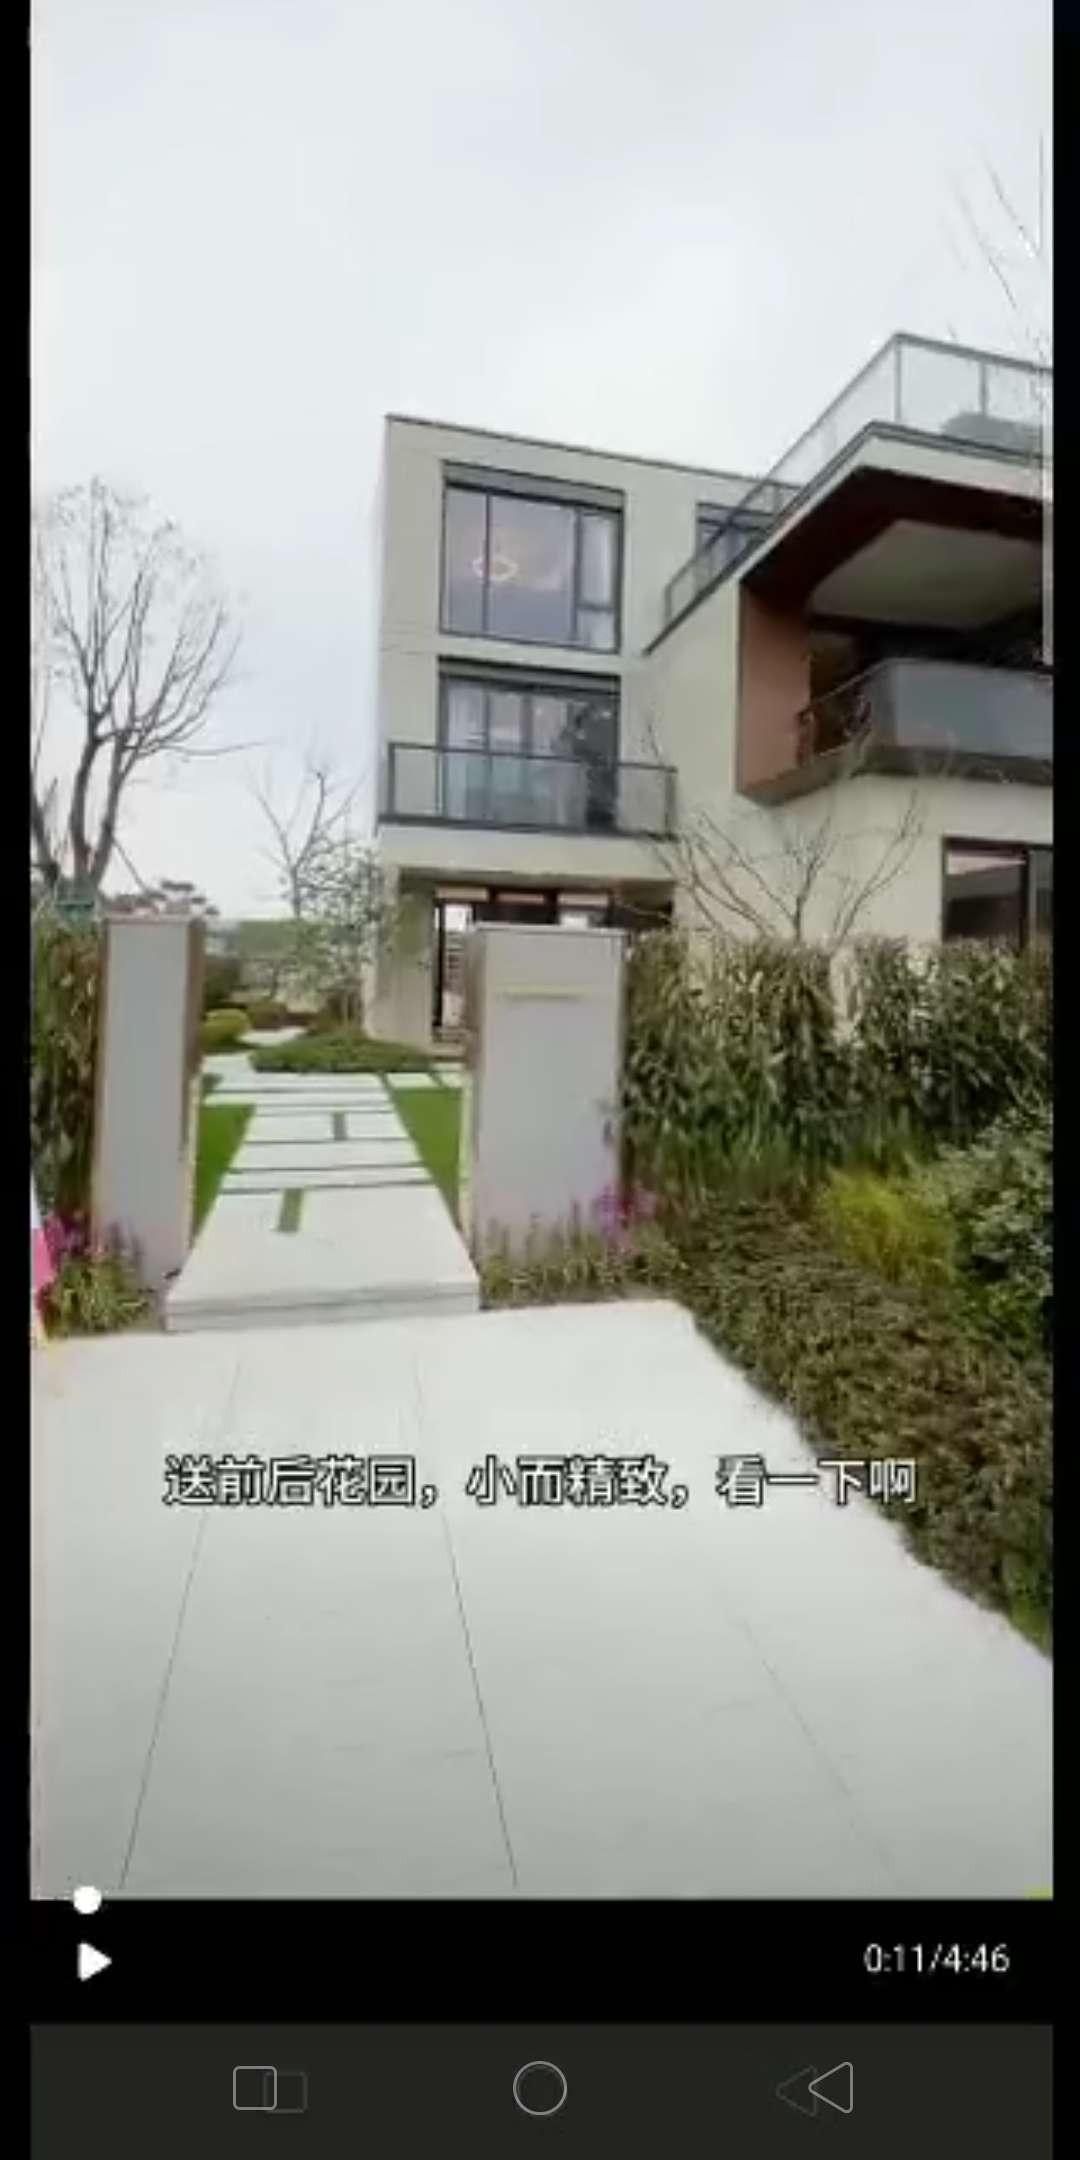 萧山南景观楼盘166方349万五房二厅四卫送超大花园,景观大阳台